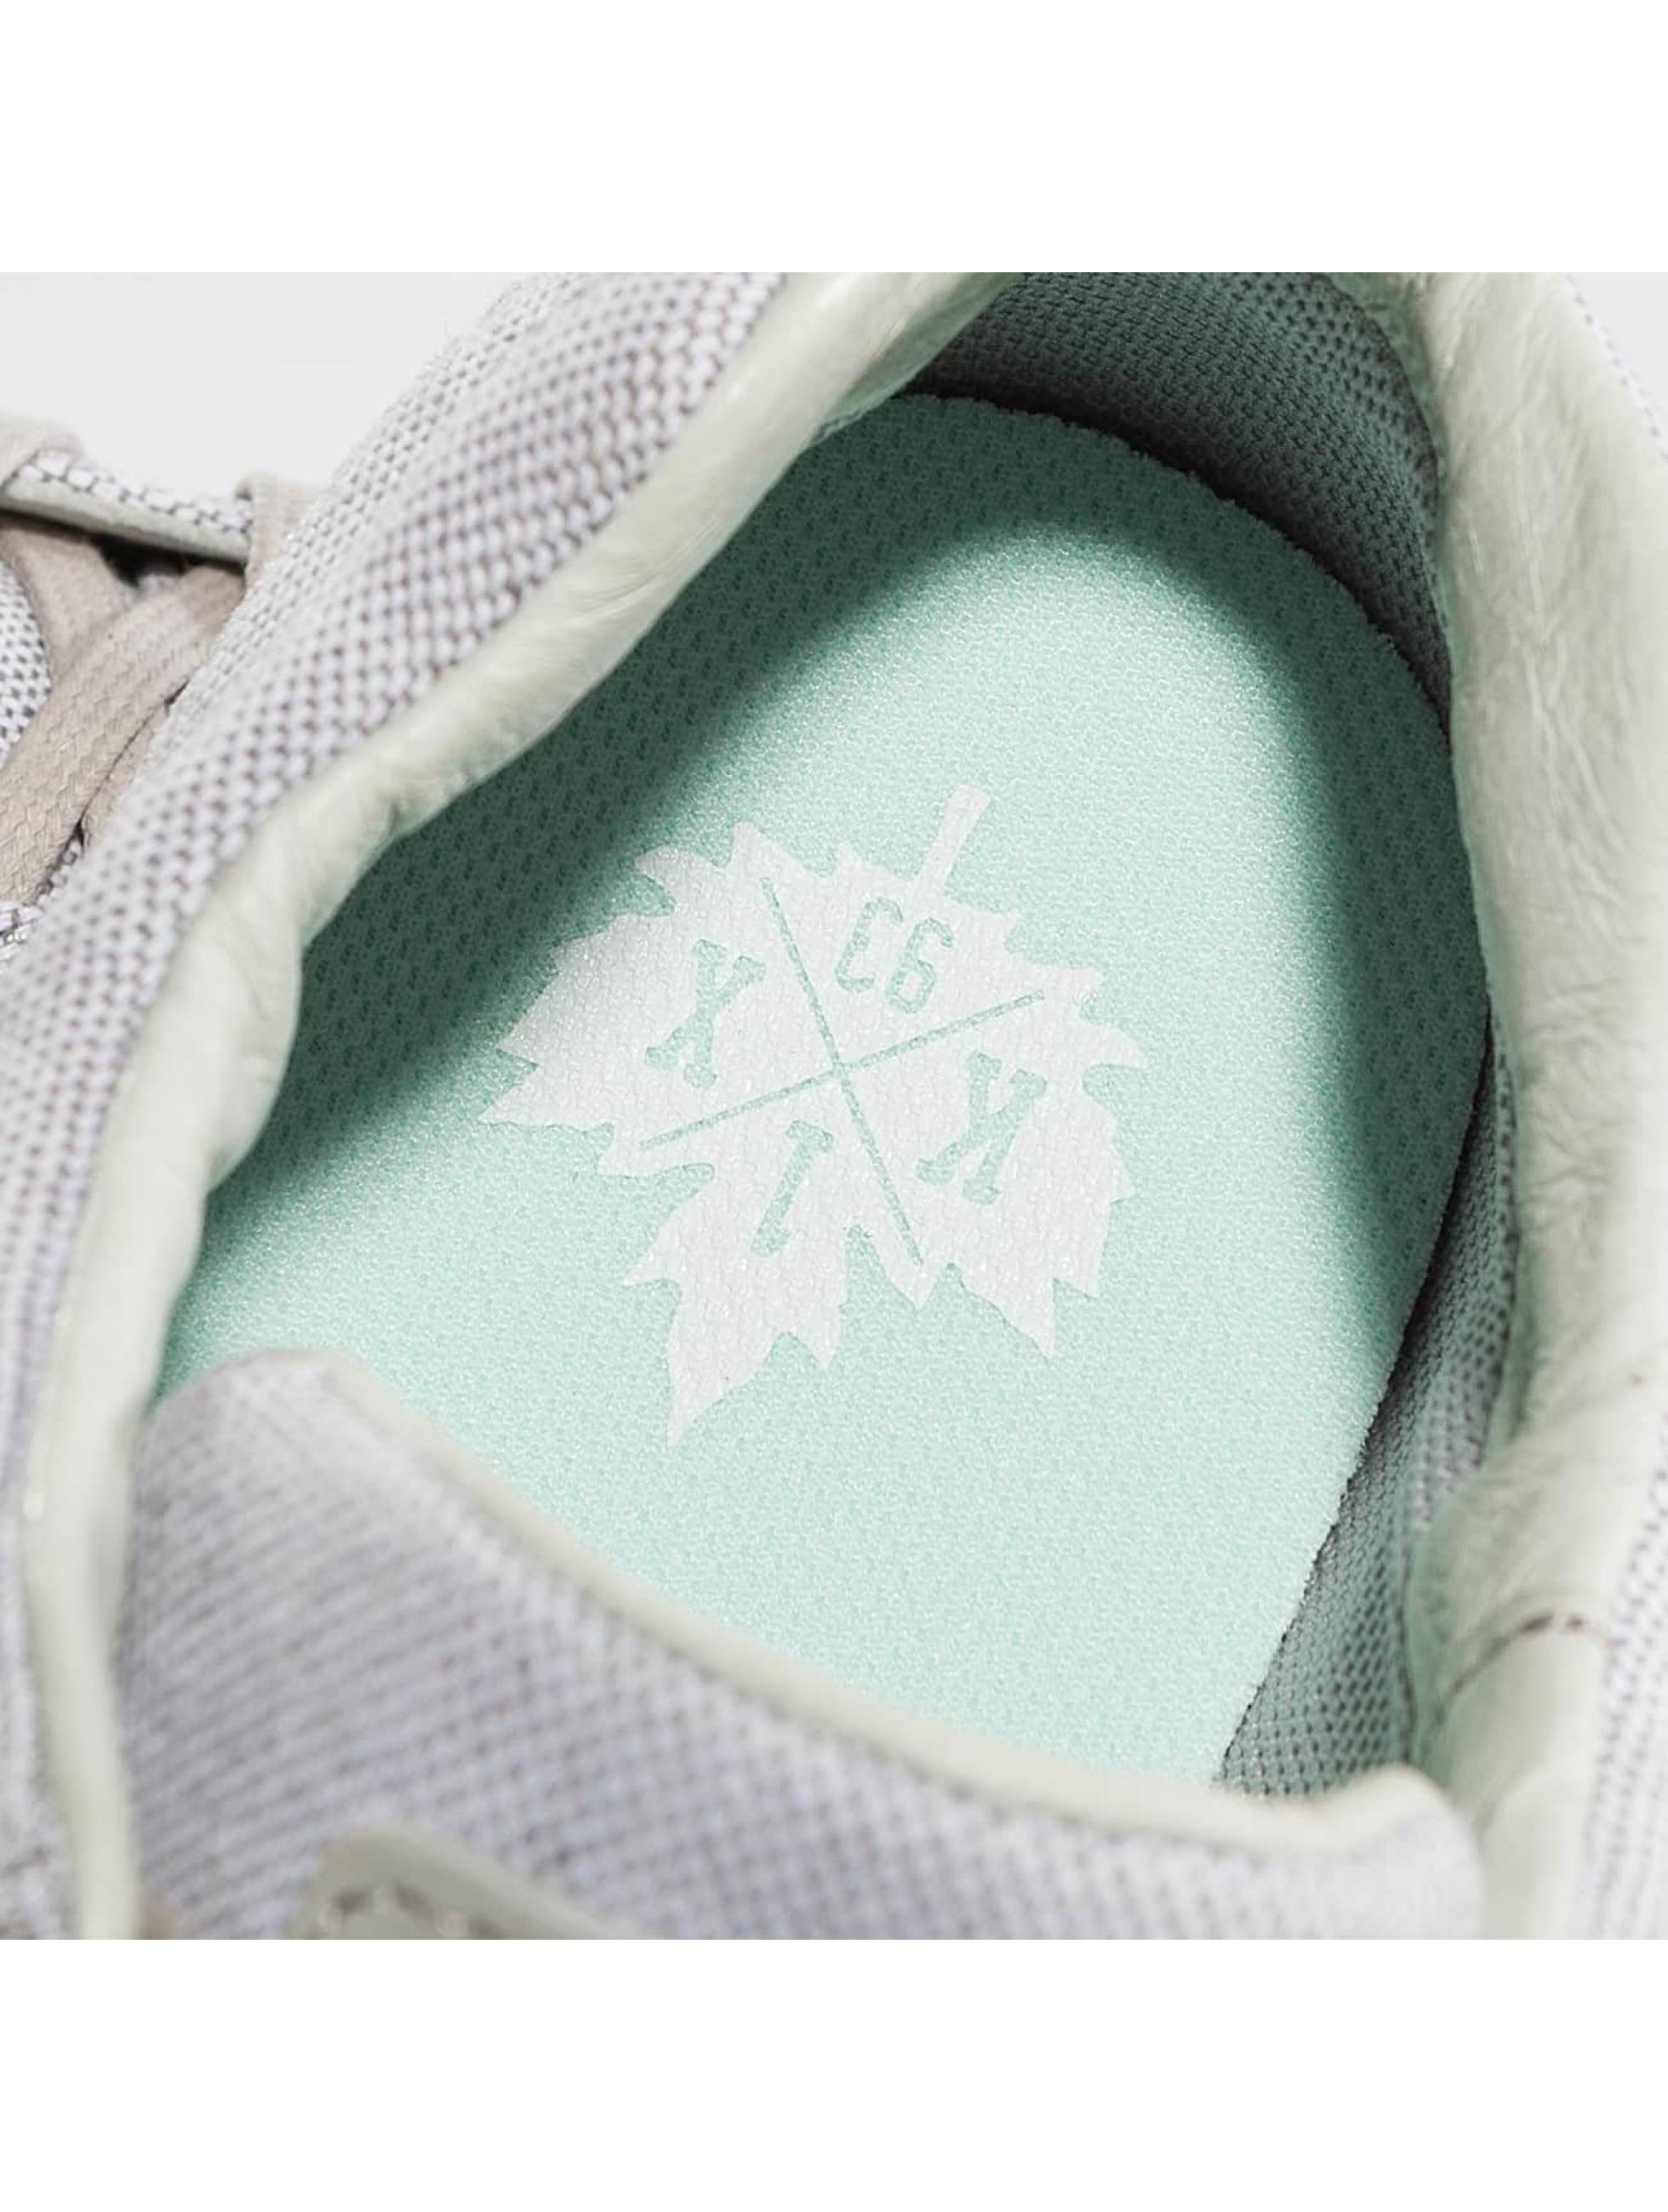 K1X Zapatillas de deporte Dress Up Light Weight gris